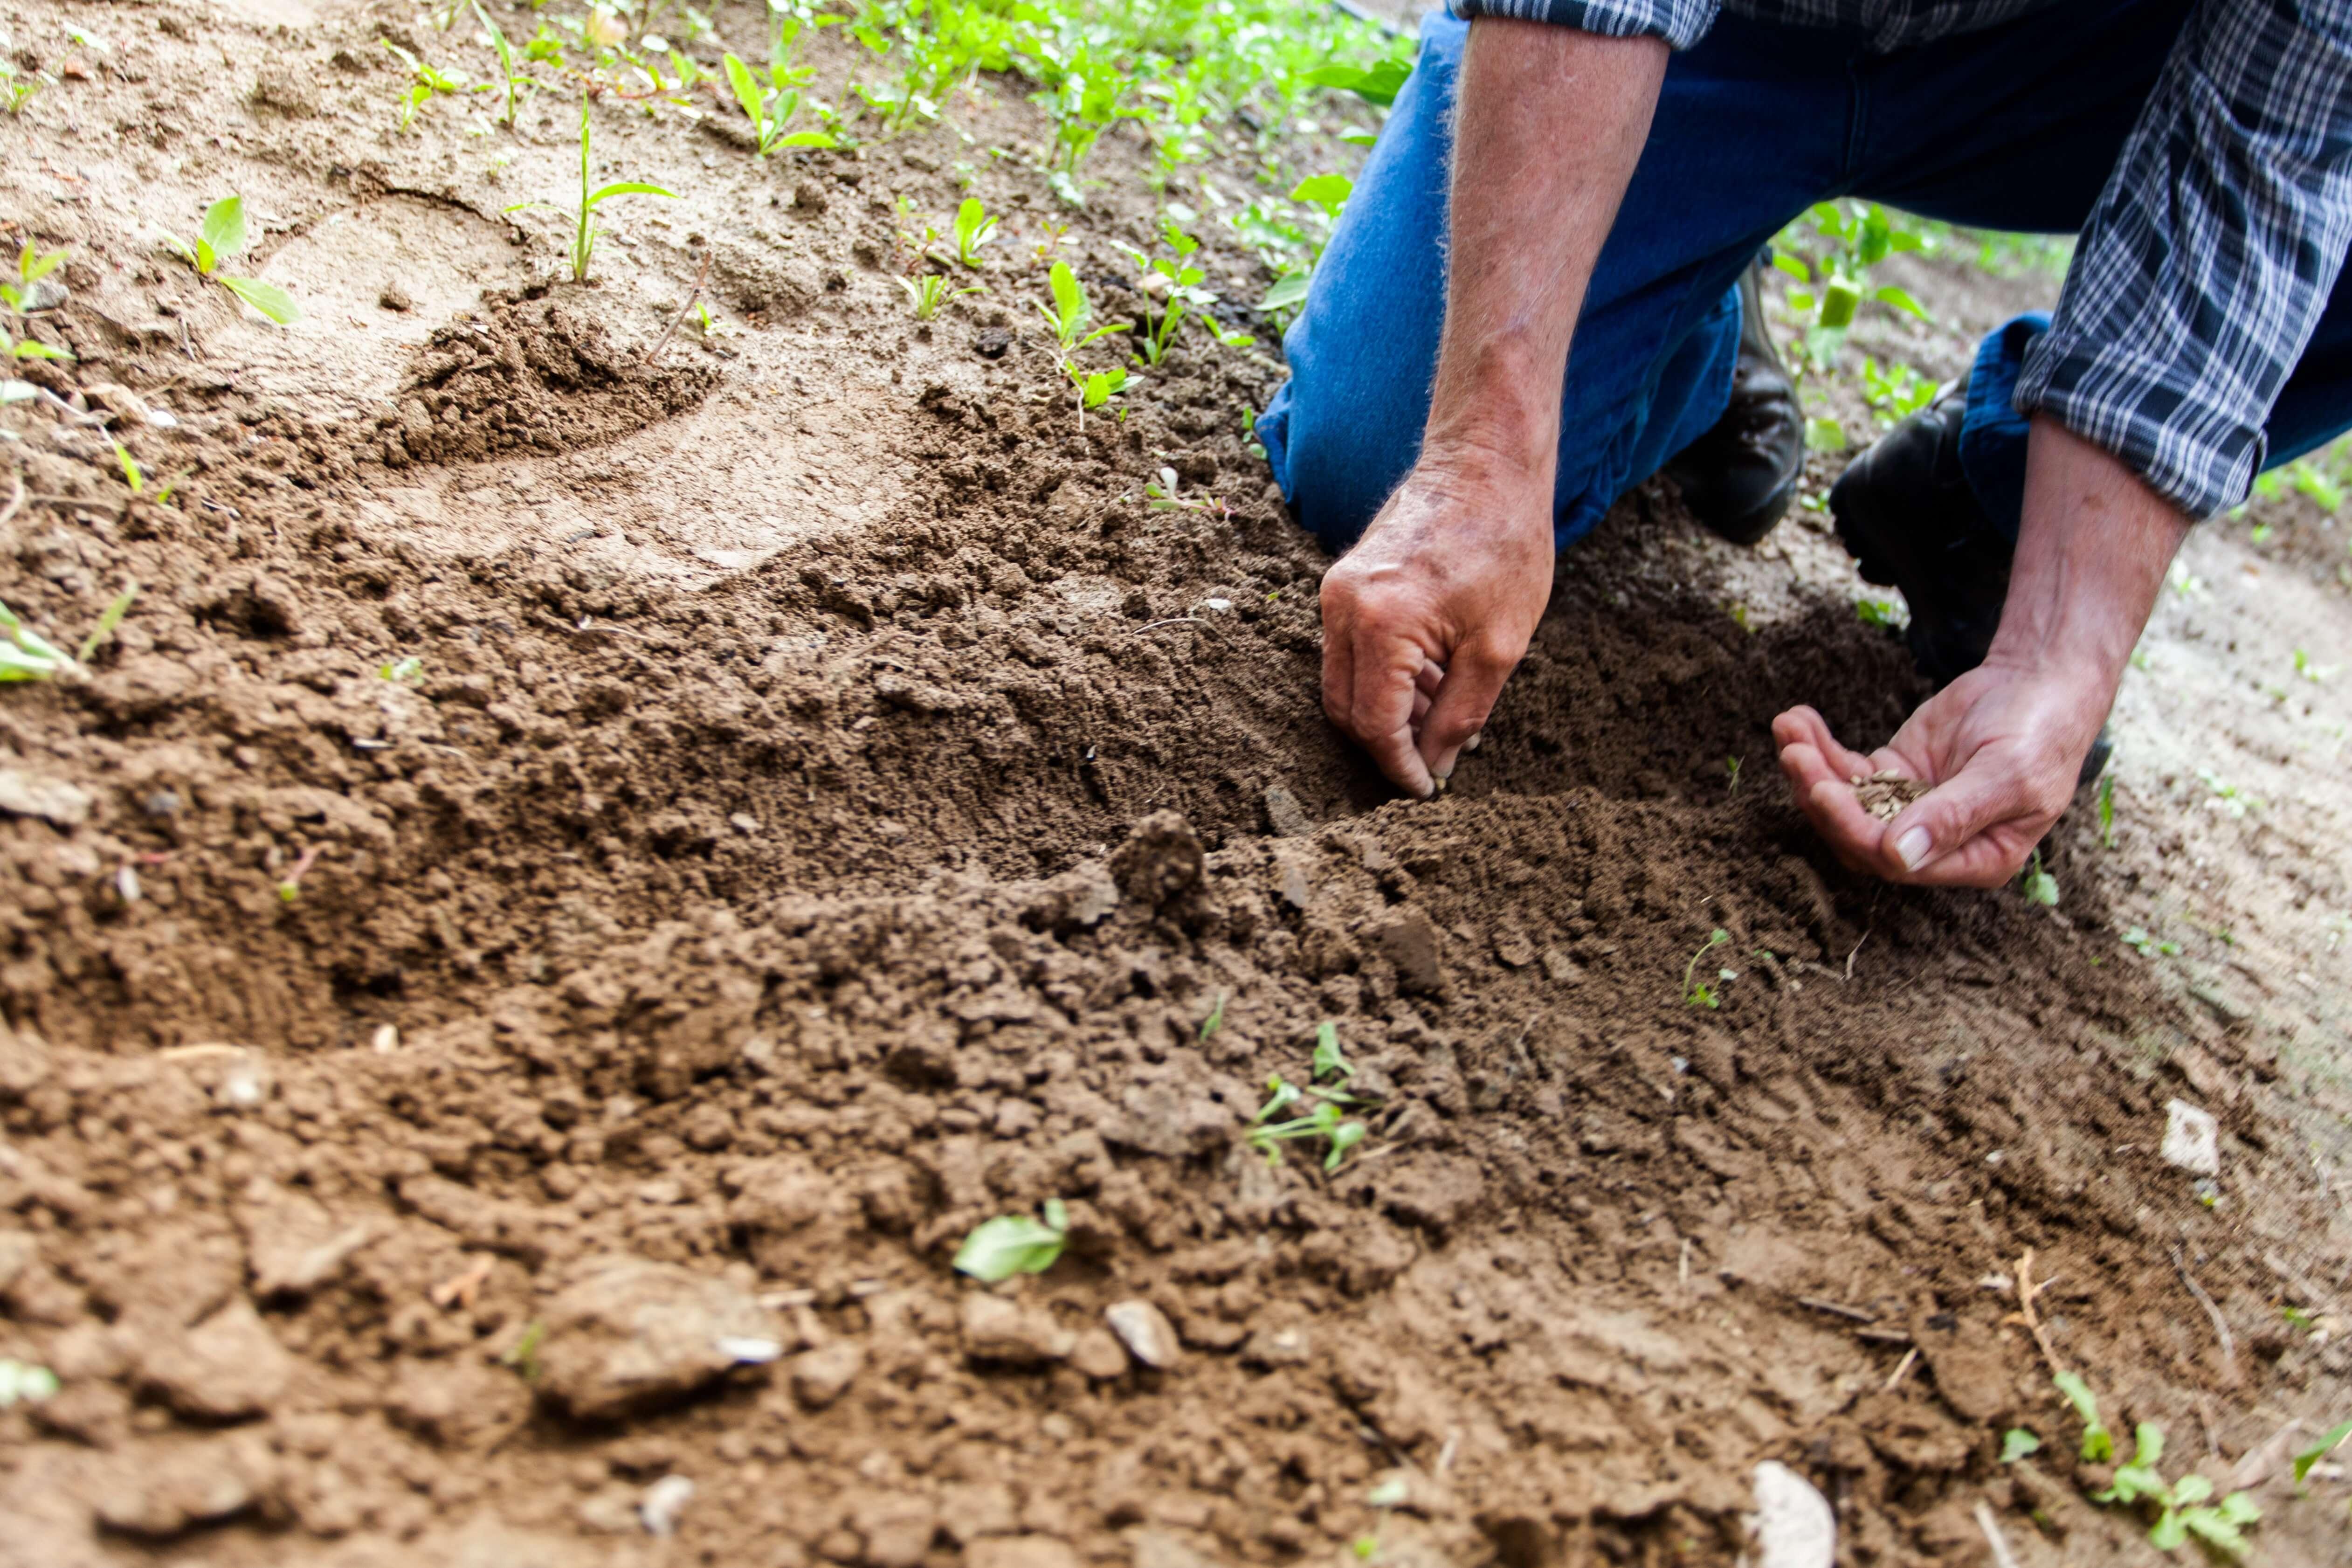 Een boom wordt geplant via het Plant a Billion Trees project na elke bestelling. Zo kan Hood&Wood de plattegrond $place in hout graveren zonder dat de wereld daar slechter van wordt.